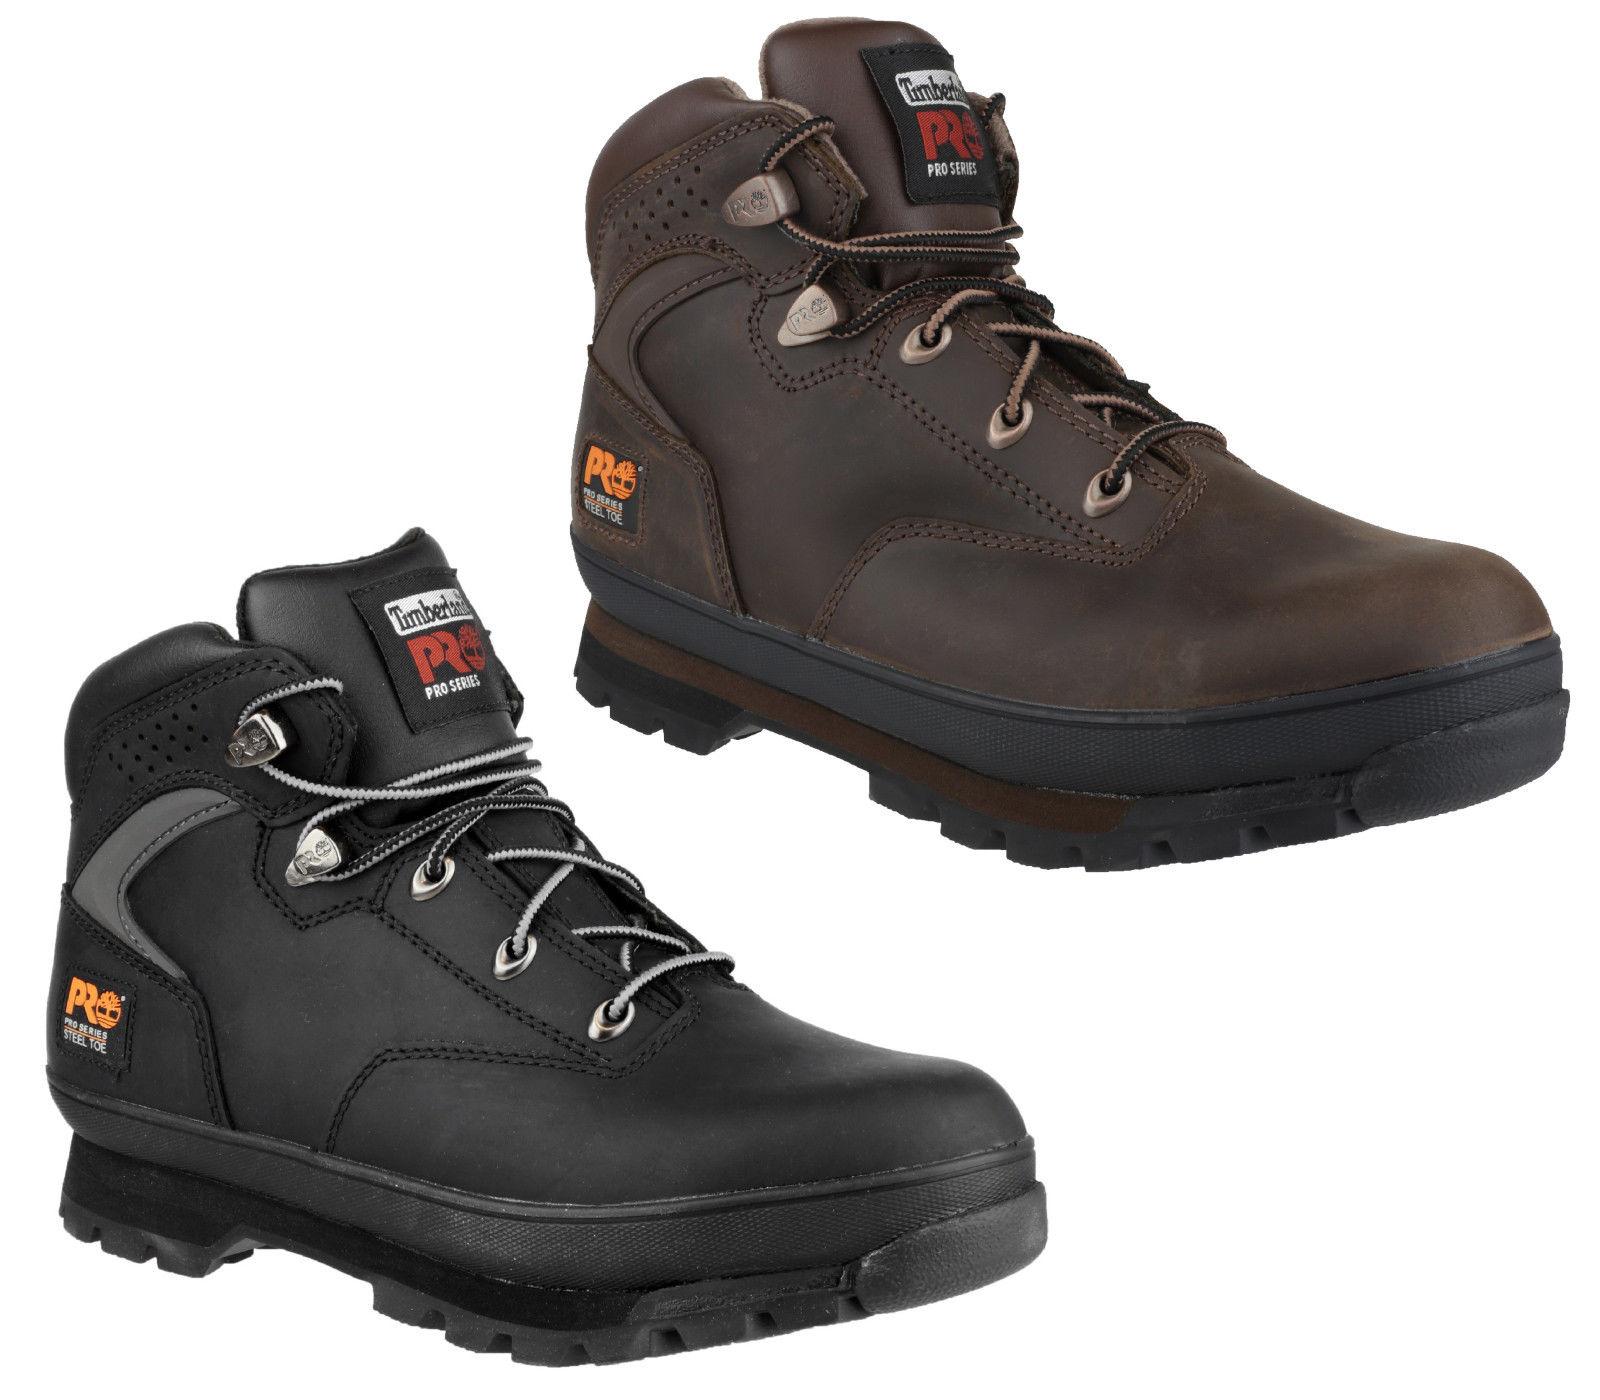 Détails sur Timberland Pro Euro Hiker 2 g Homme Sécurité Travail Bottes SBP Steel Toe Semelle Intermédiaire afficher le titre d'origine